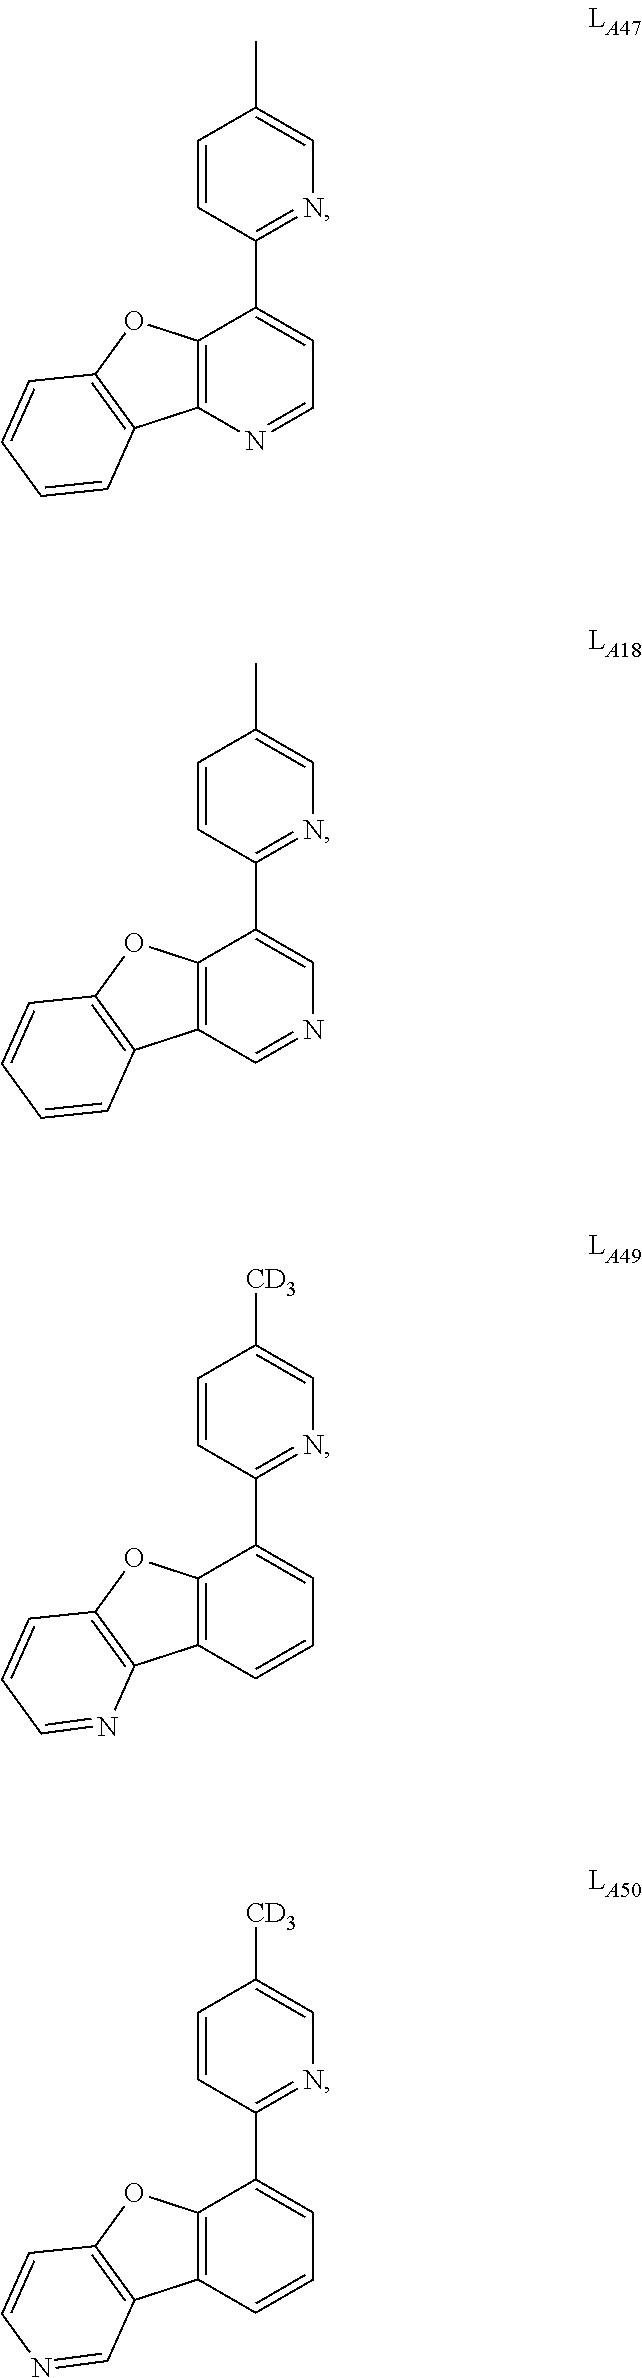 Figure US09634264-20170425-C00059